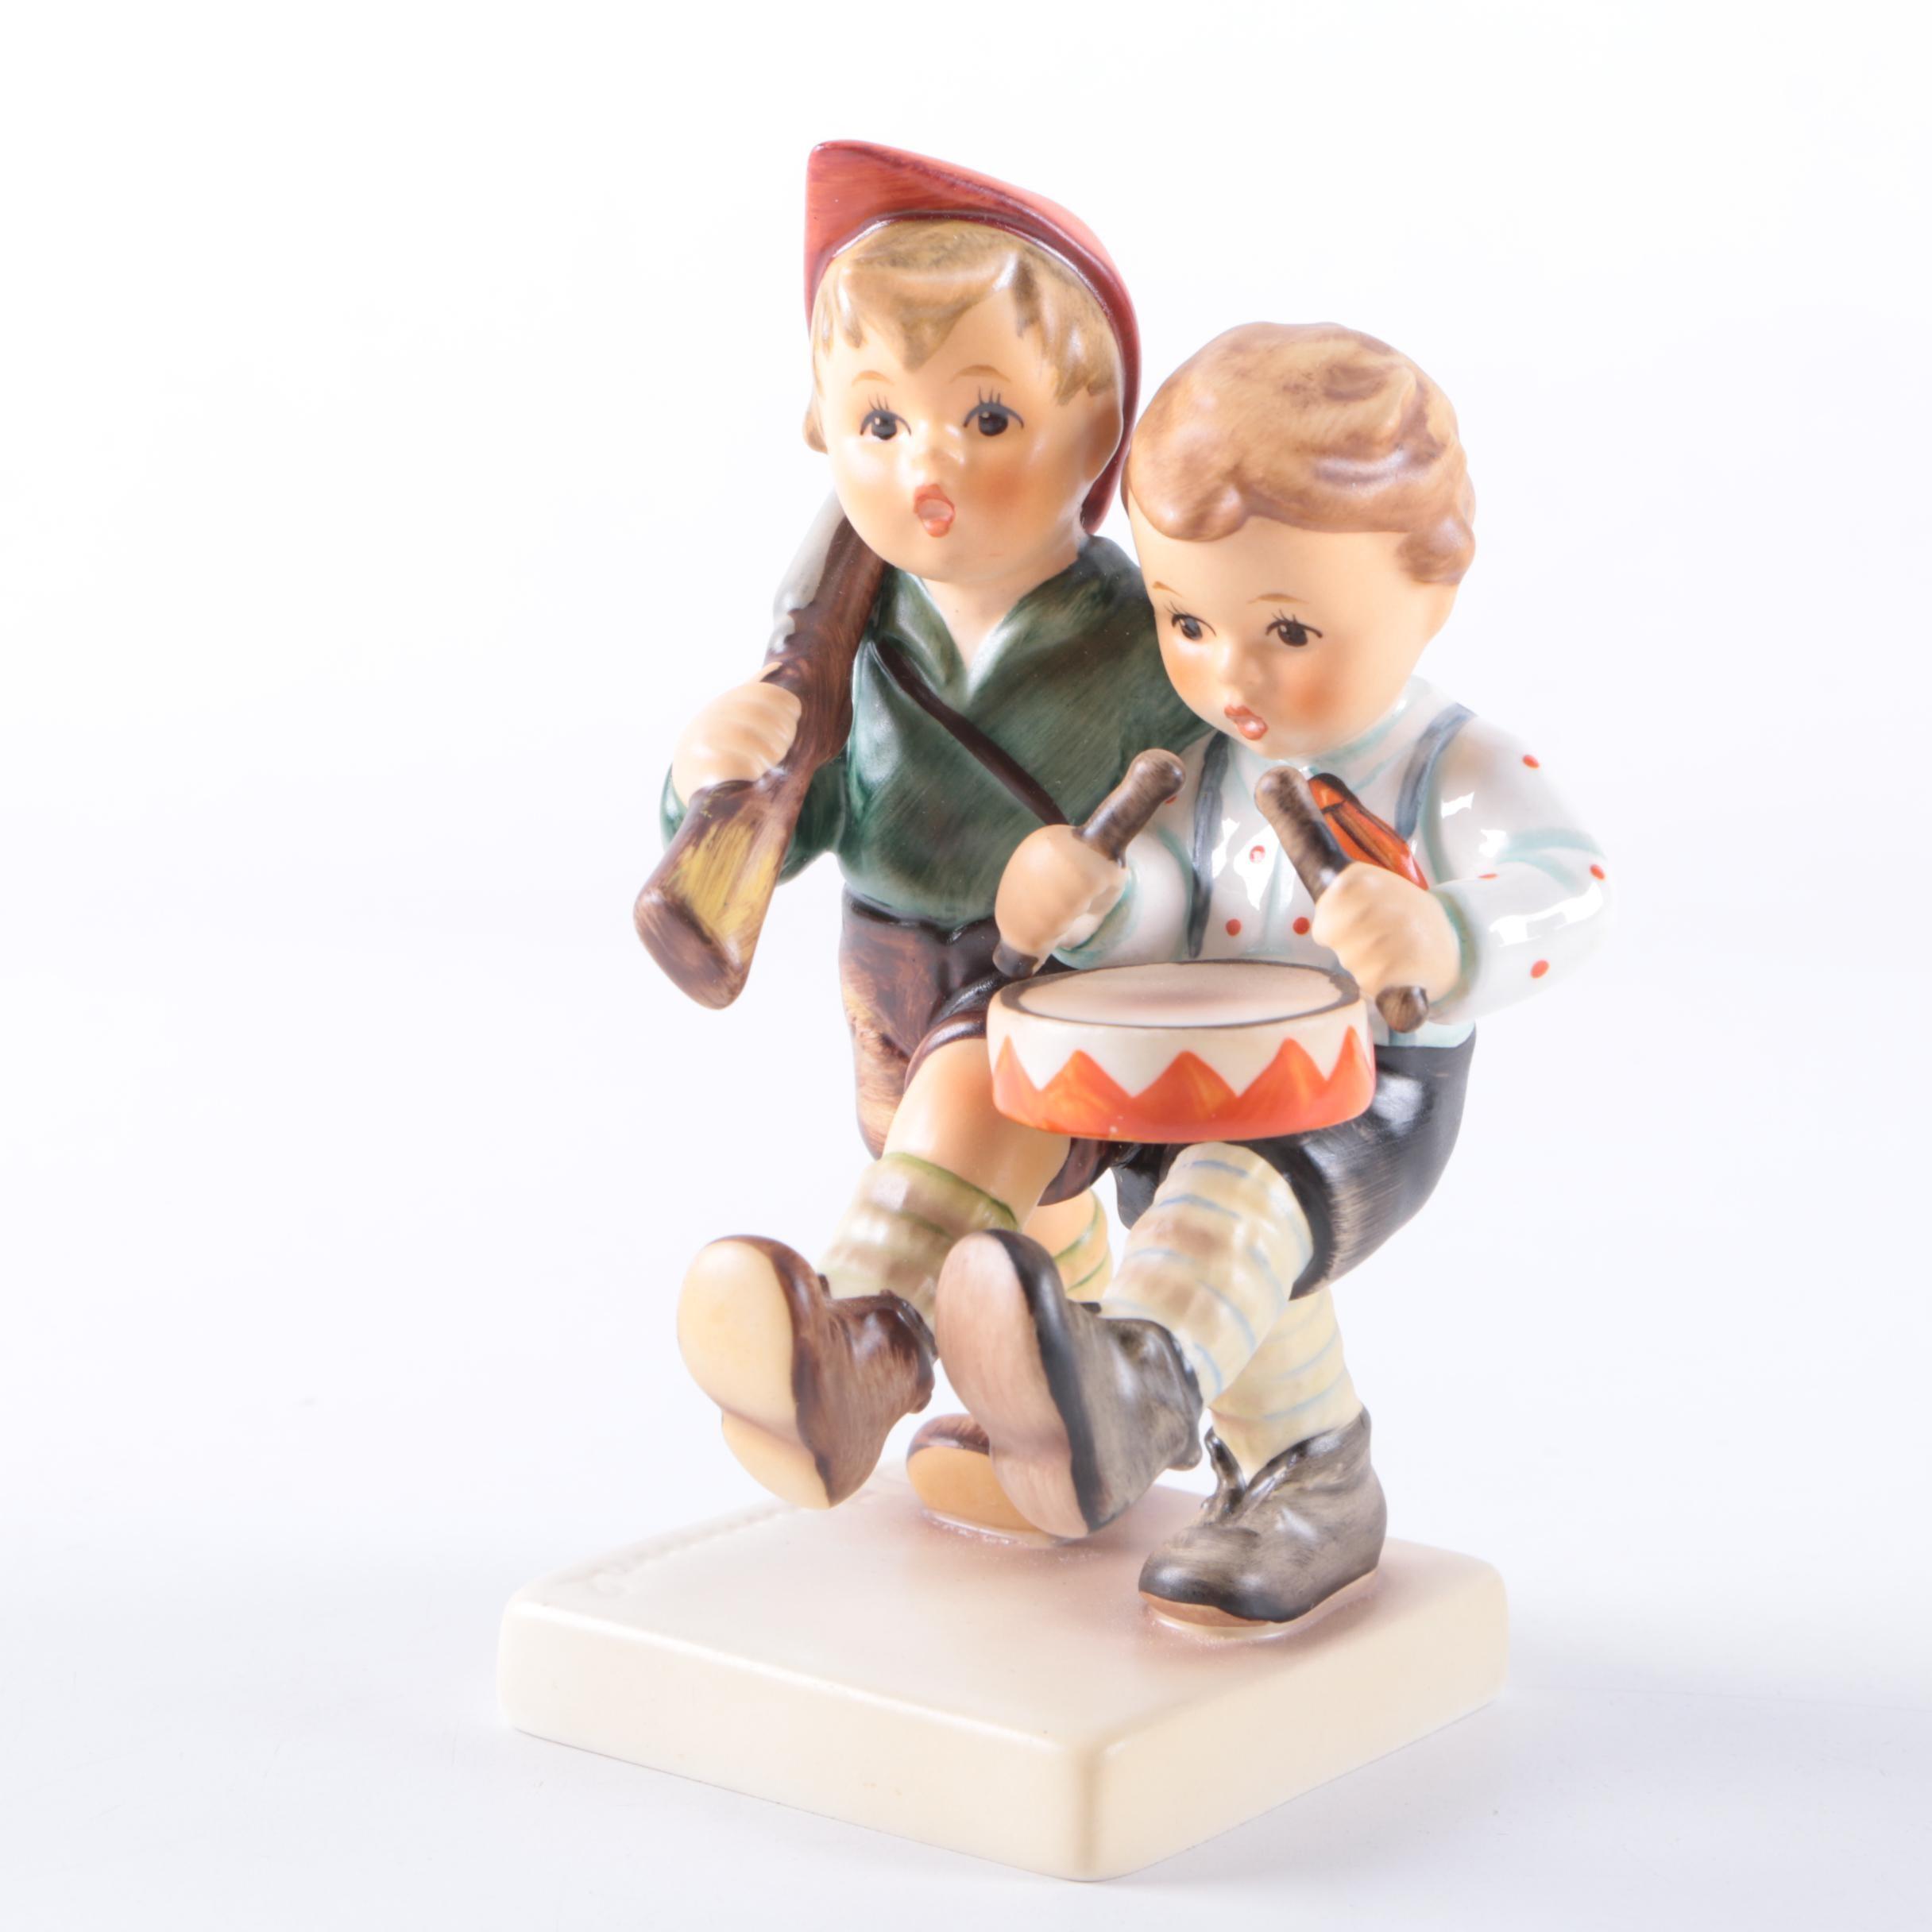 """Vintage Hummel Special Edition """"Volunteers"""" Porcelain Figurine"""